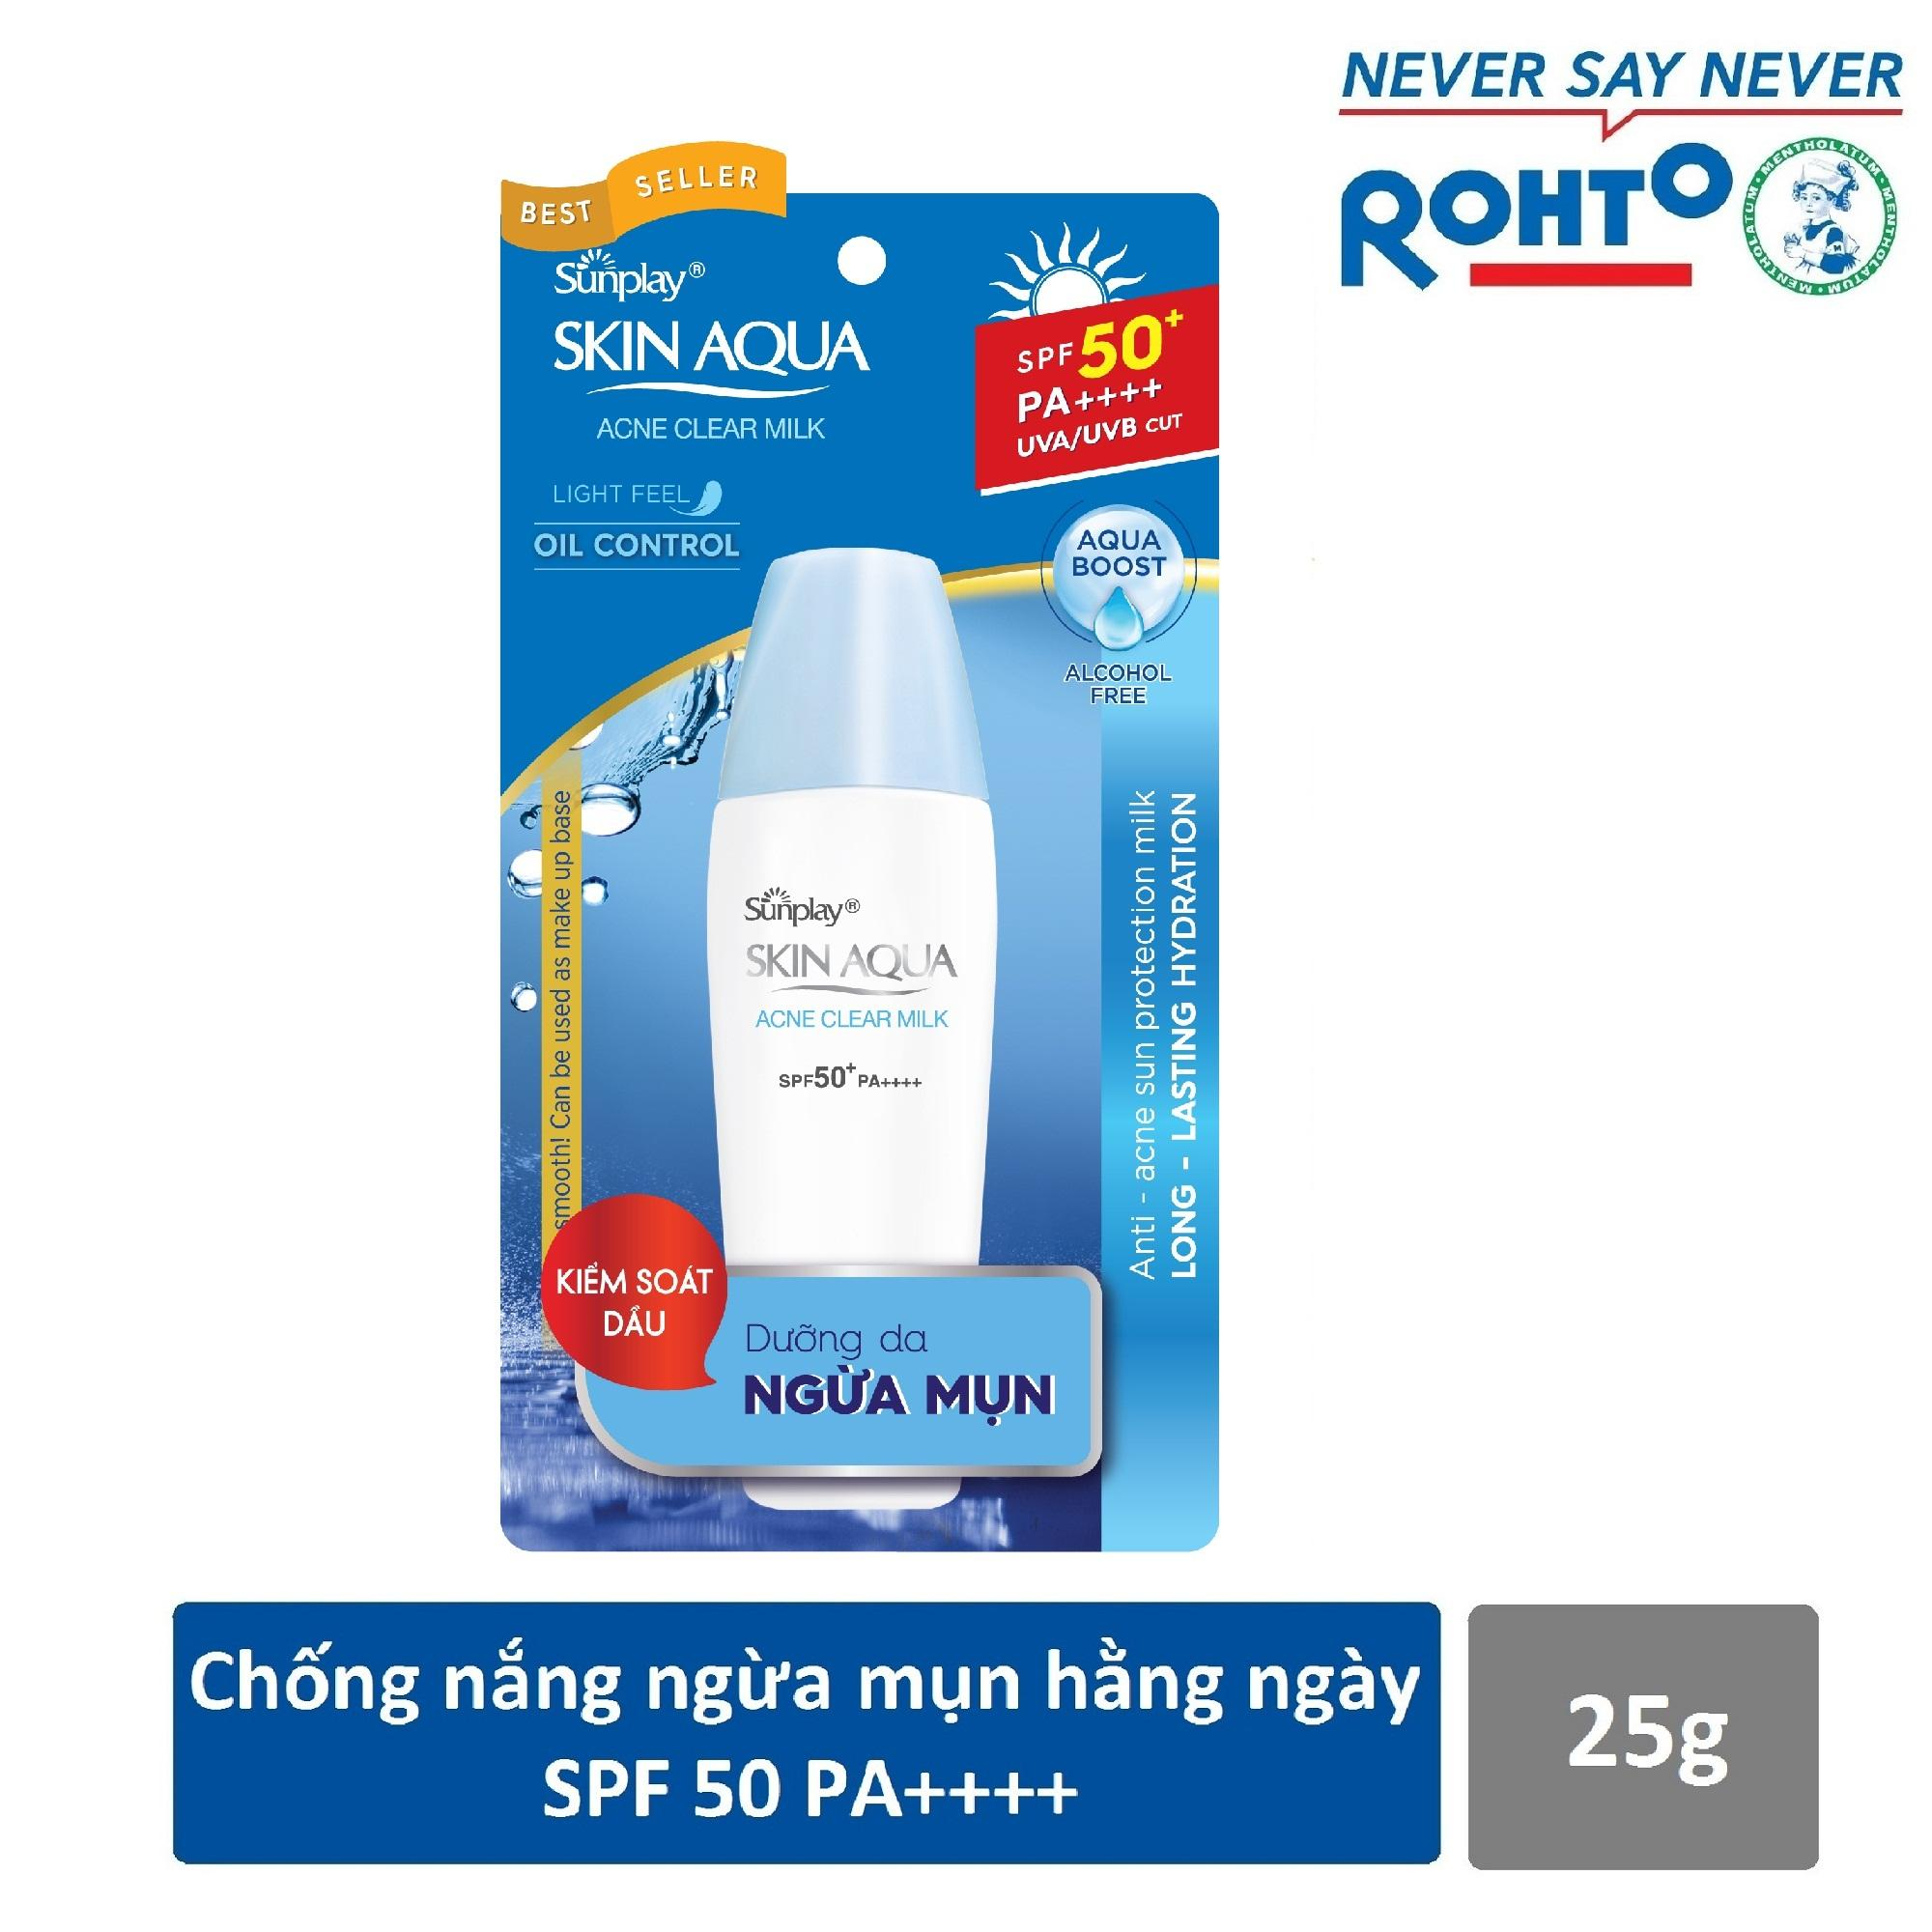 Hình ảnh Sữa chống nắng dưỡng da ngừa mụn Sunplay Skin Aqua Acne Clear SPF 50+ PA++++ 25g